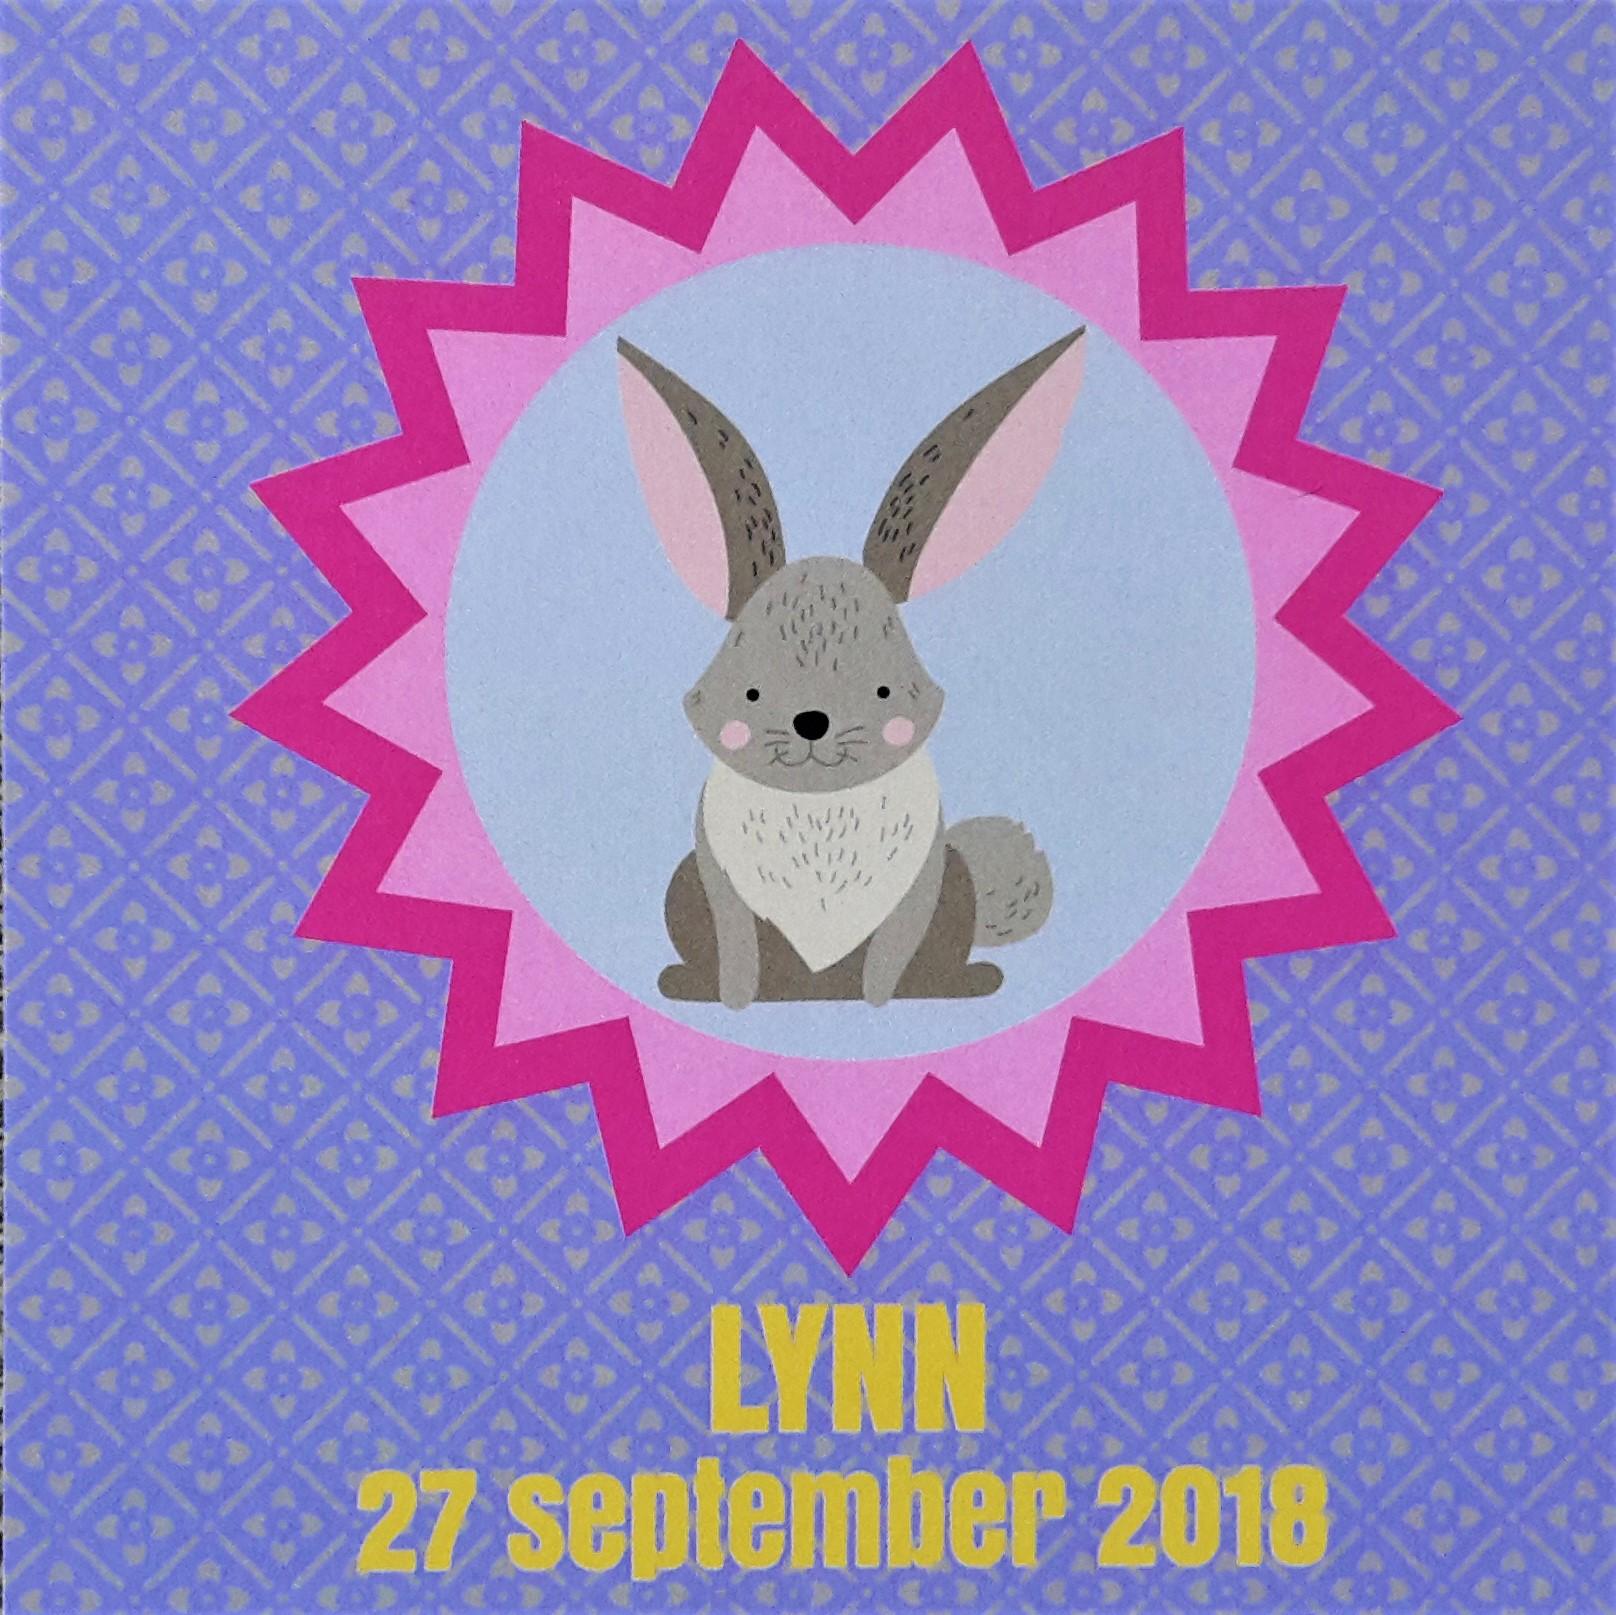 Lynn kaartje